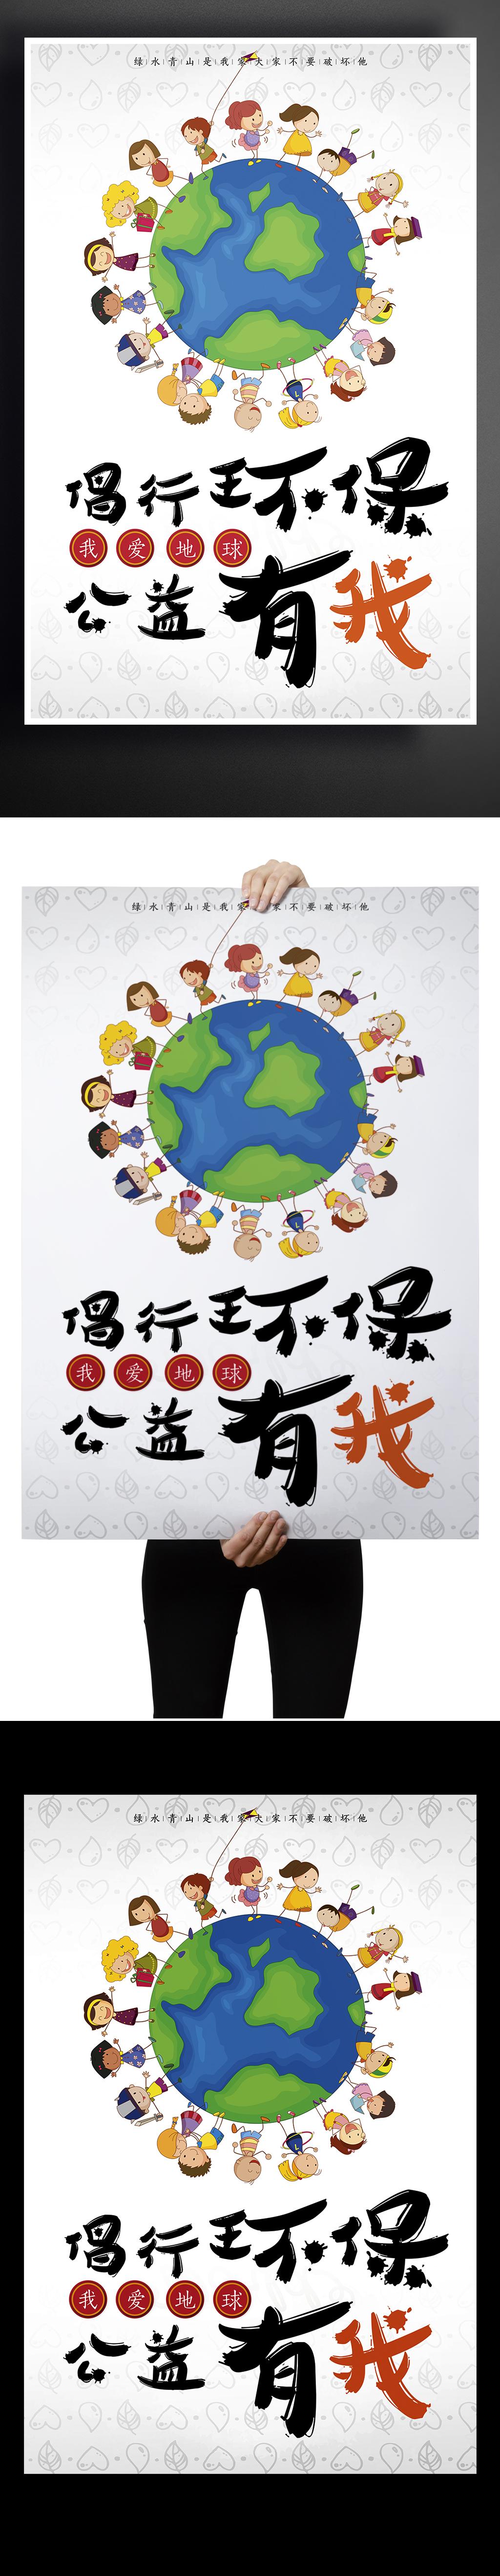 倡行环保公益有我创意手绘环保海报